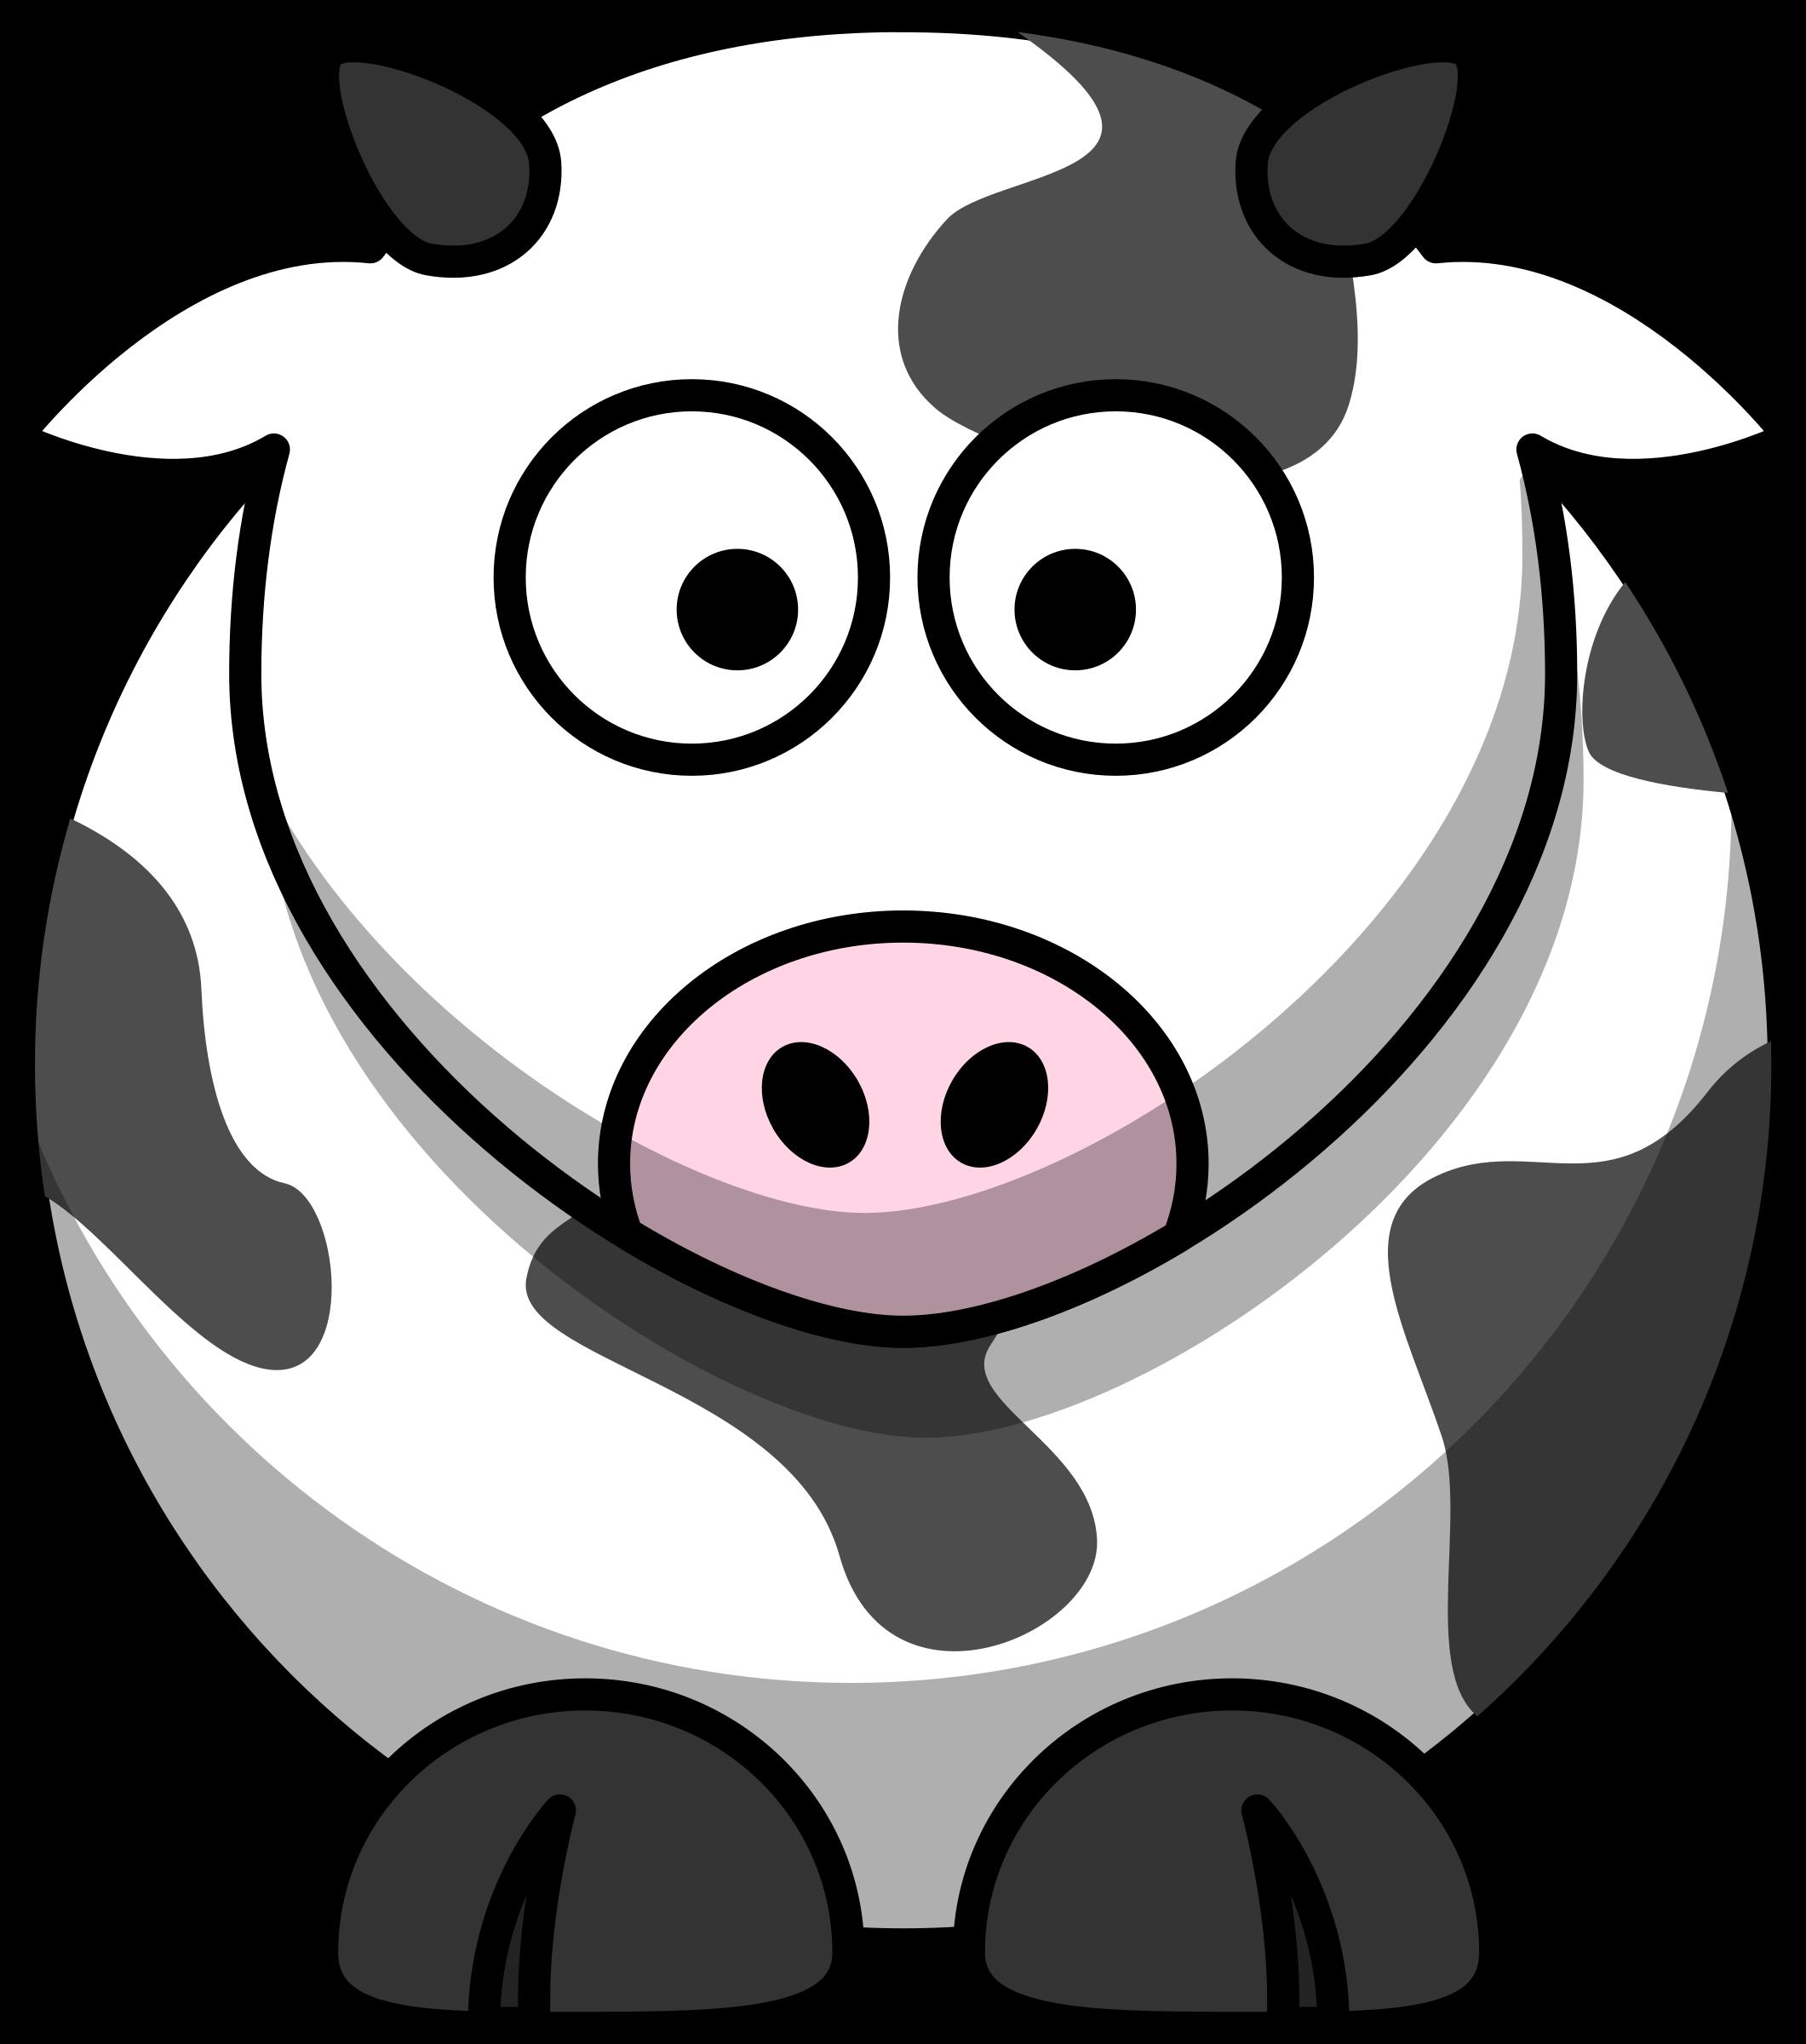 Nose clipart cartoon clip art. Cow big image png